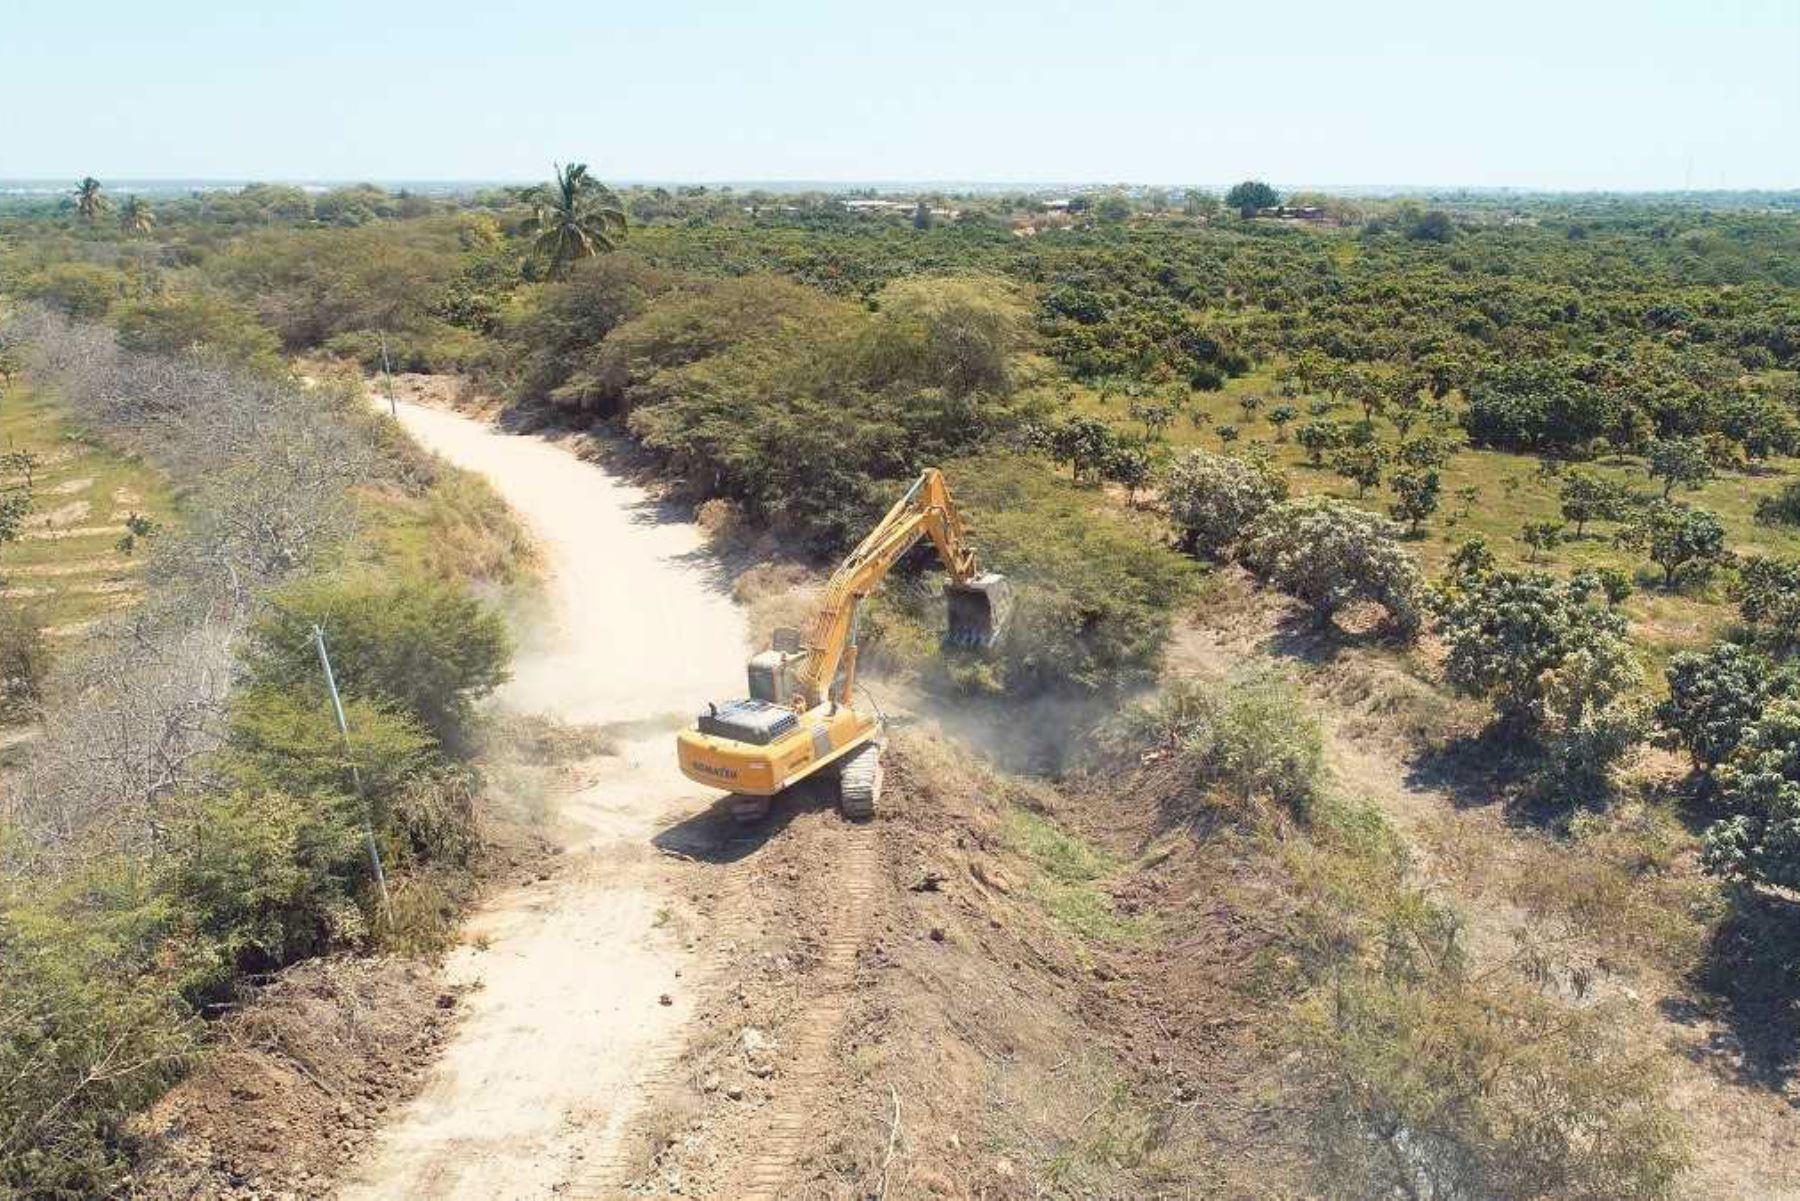 El director de la ARCC, Édgar Quispe, supervisó los avances en la rehabilitación del servicio de agua para riego del canal Mochumí. ANDINA/Archivo